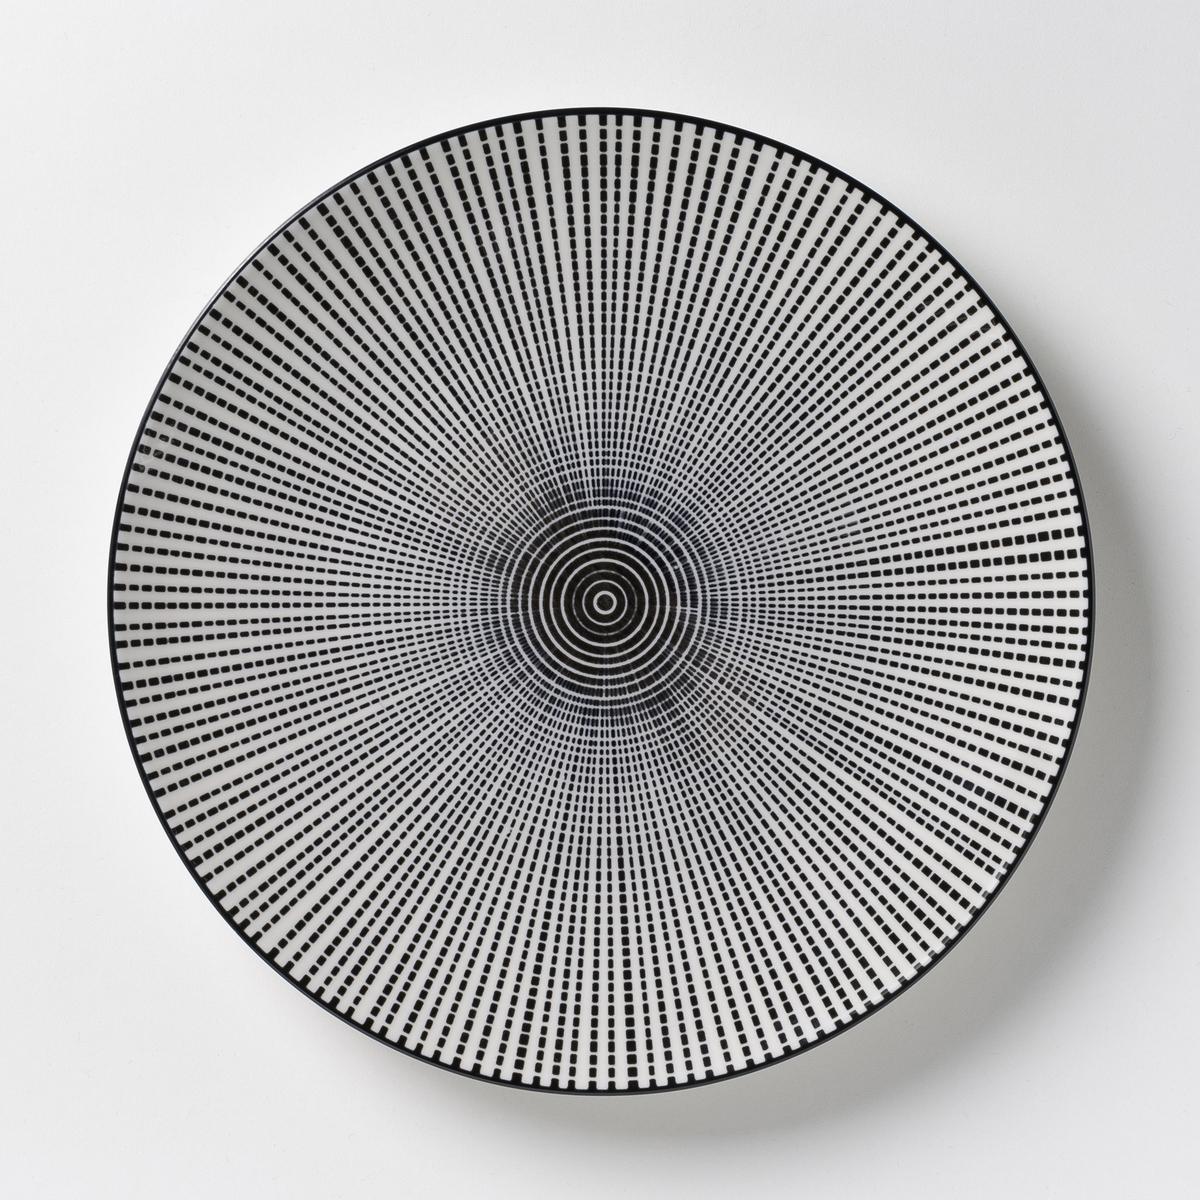 Комплект из 4 мелких тарелок Shigoni комплект из 4 мелких тарелок из керамики olazhi